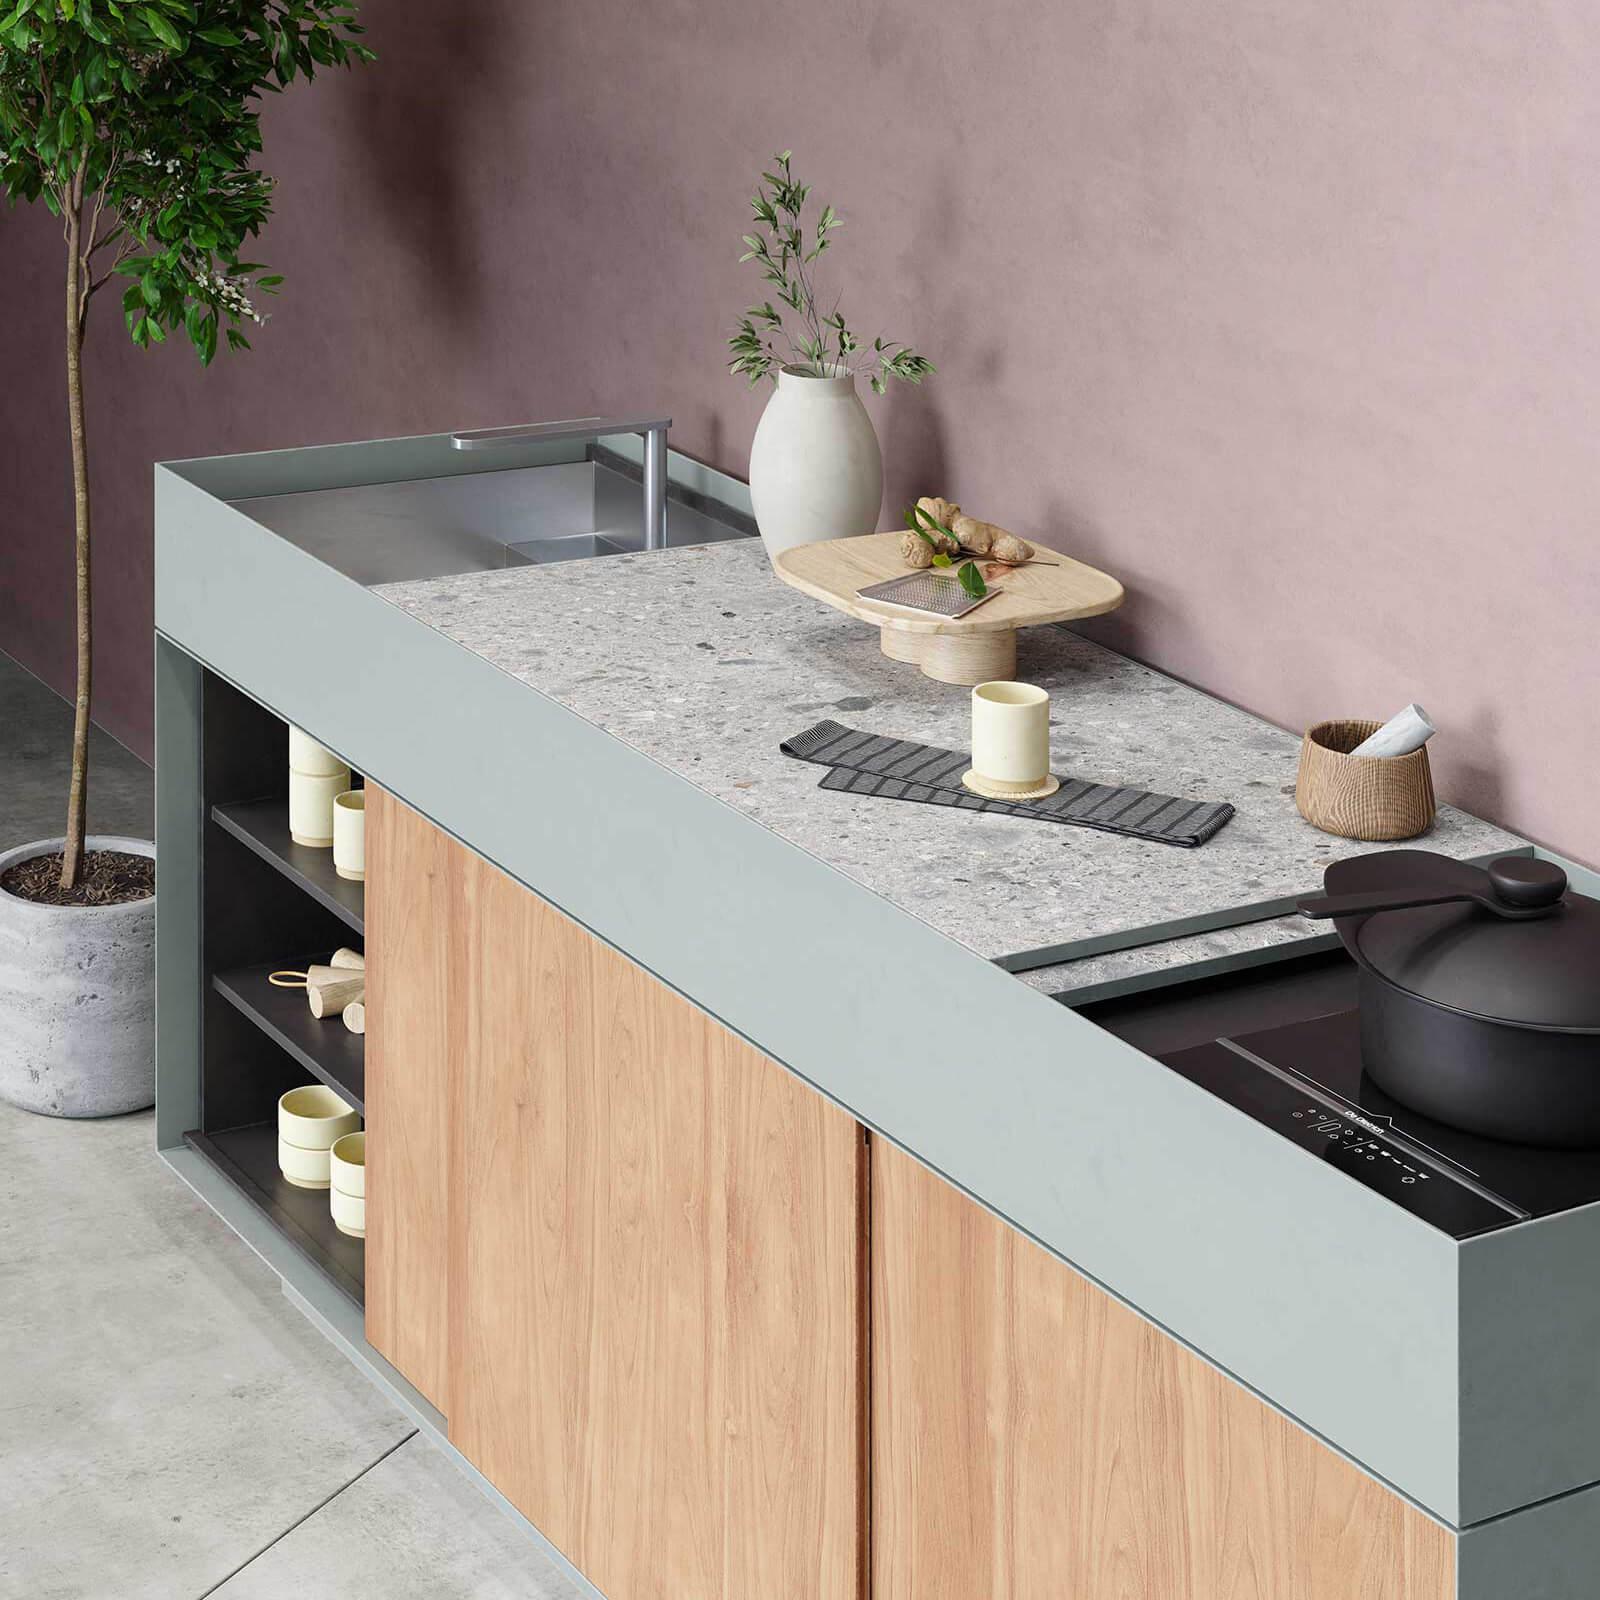 1709_0_kettal_outdoor_kitchen_21_SQ.jpg